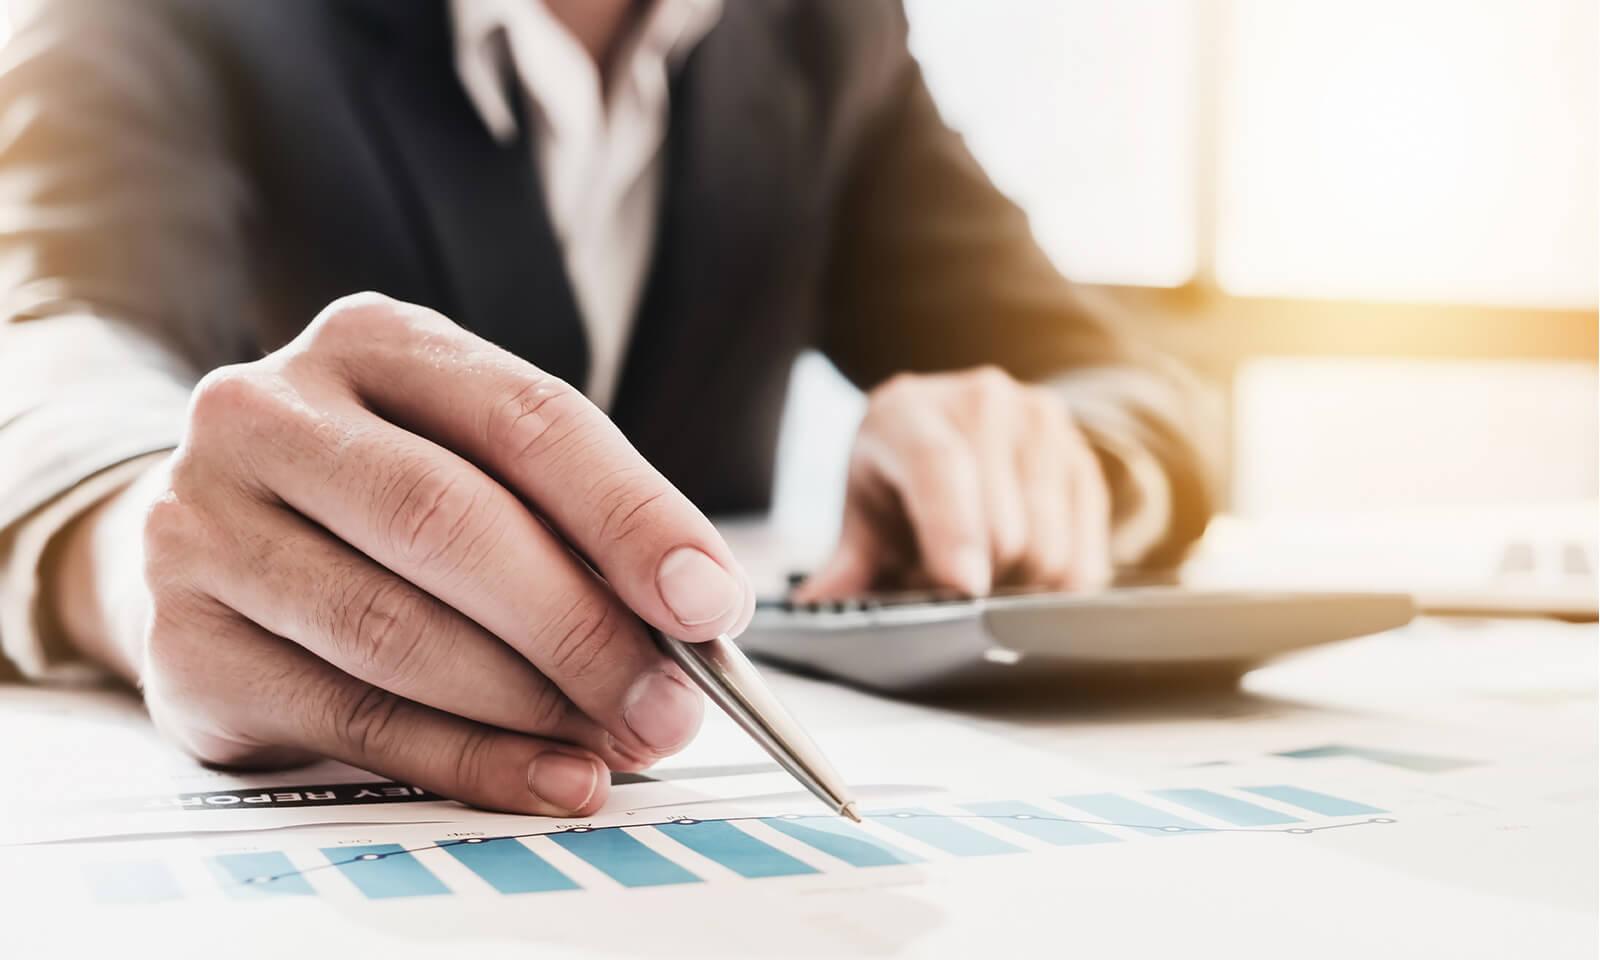 költségcsökkentés a banki értékesítésben